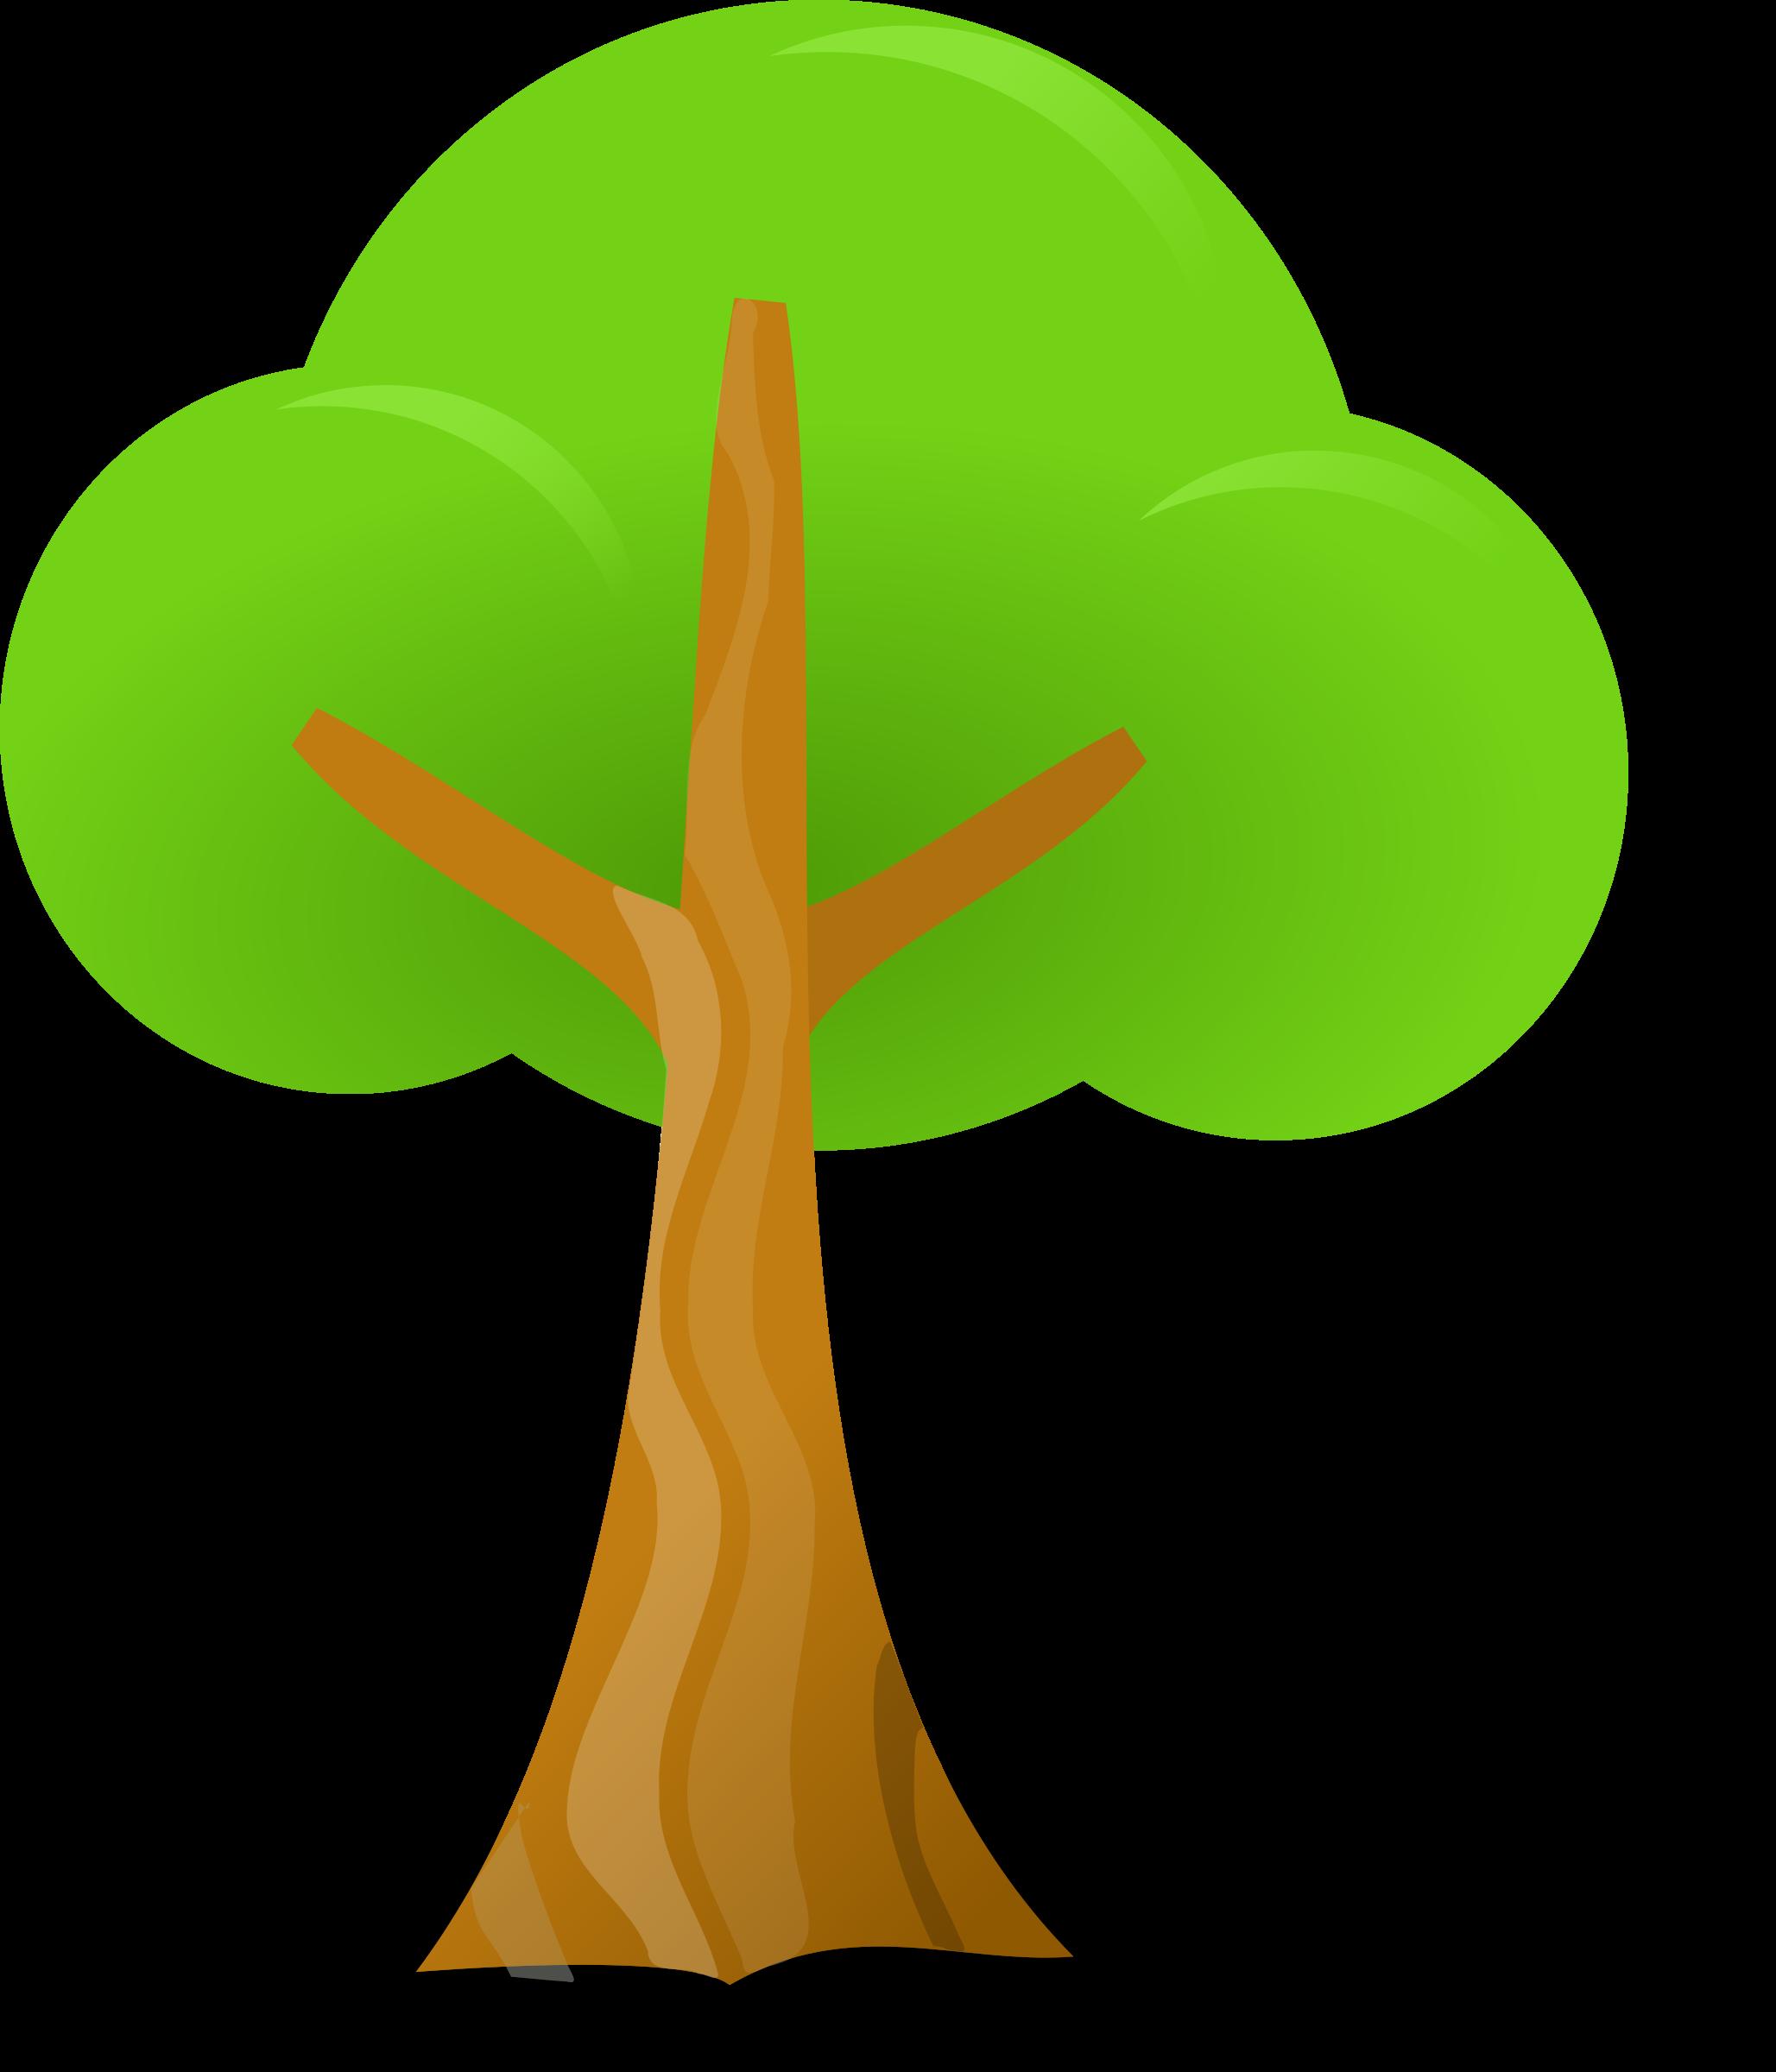 Tree Simple tree Simple Clipart